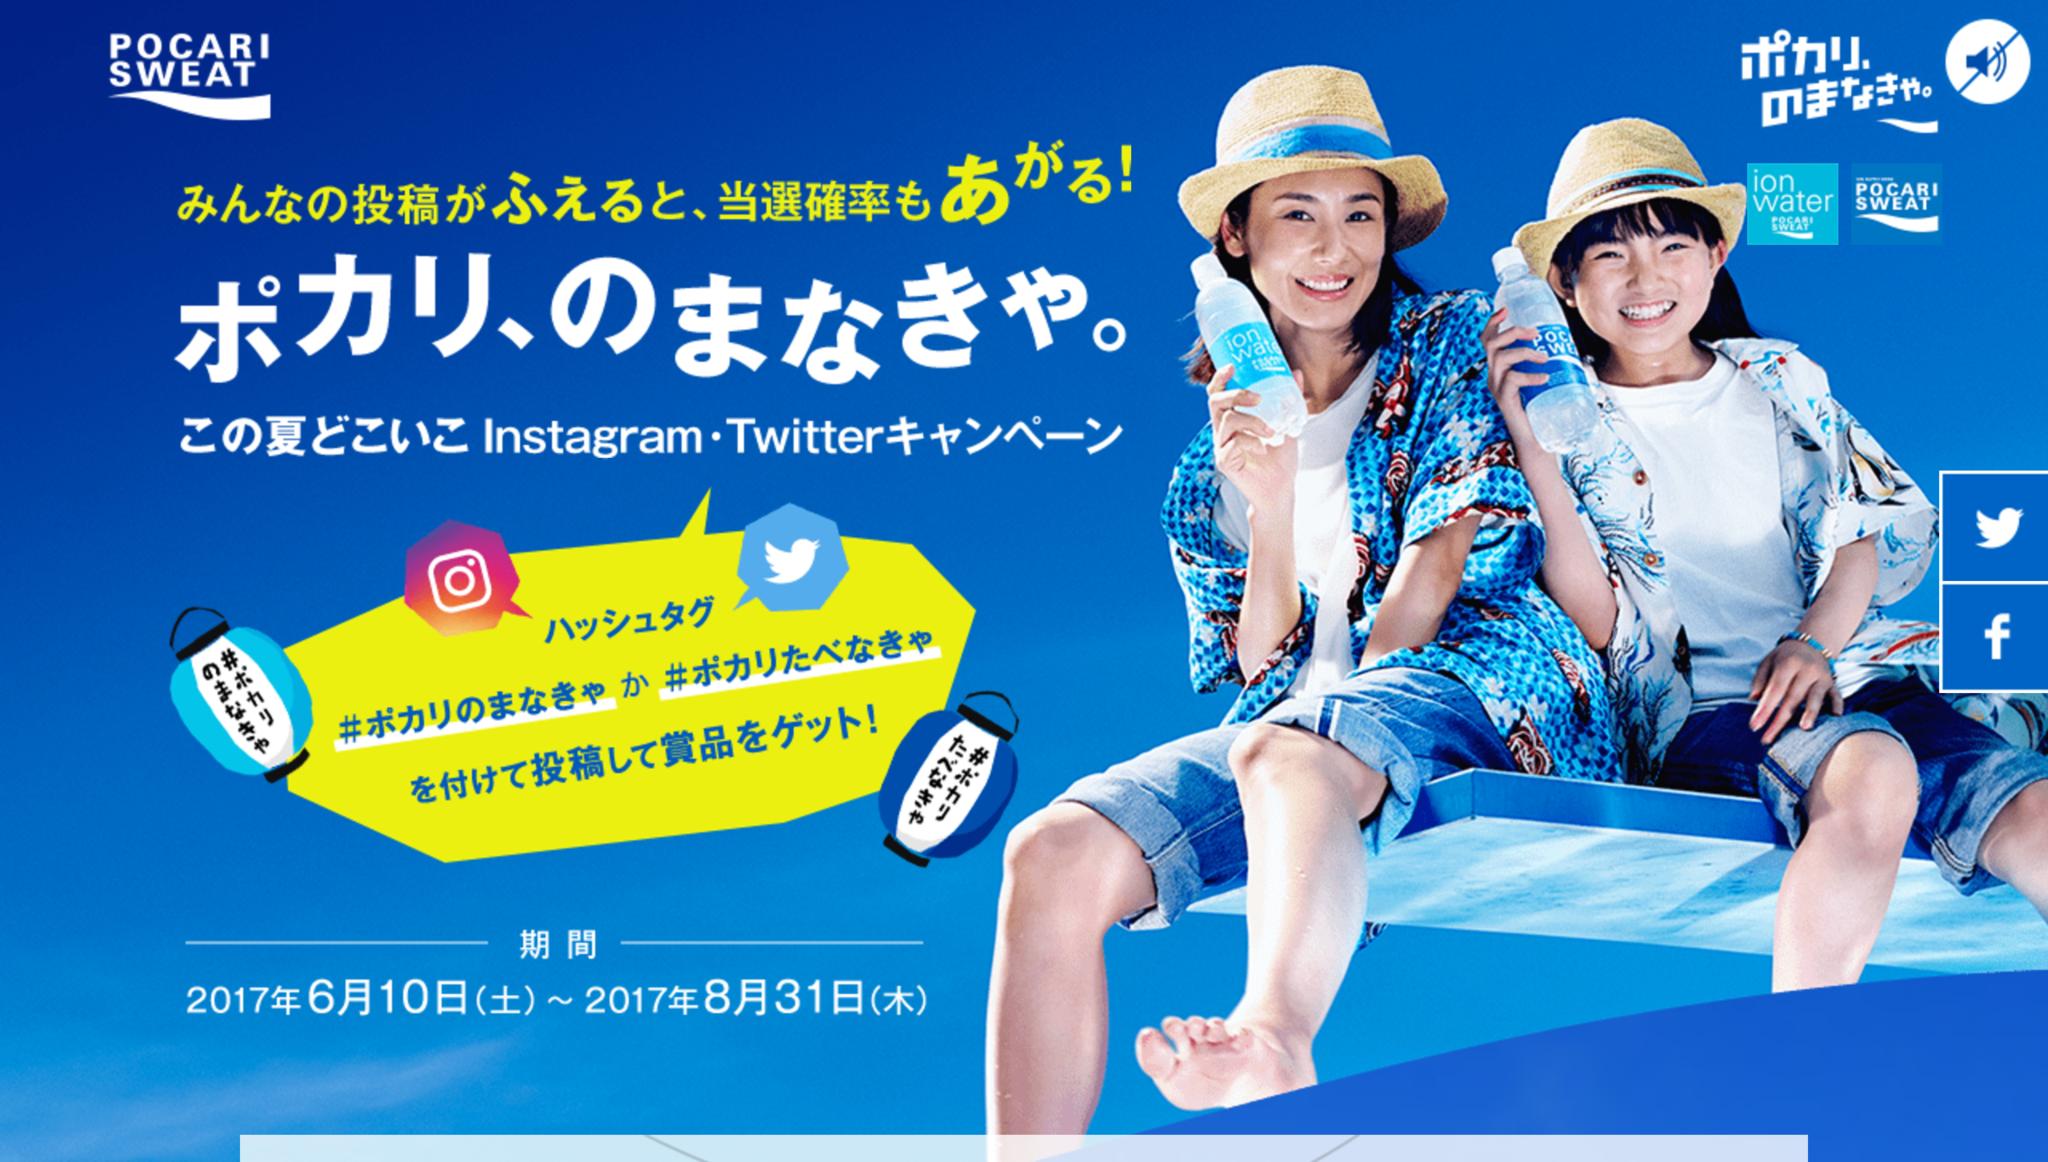 『ポカリ、のまなきゃ。』Instagram__インスタグラム・Twitter__ツイッター__キャンペーン|大塚製薬.png